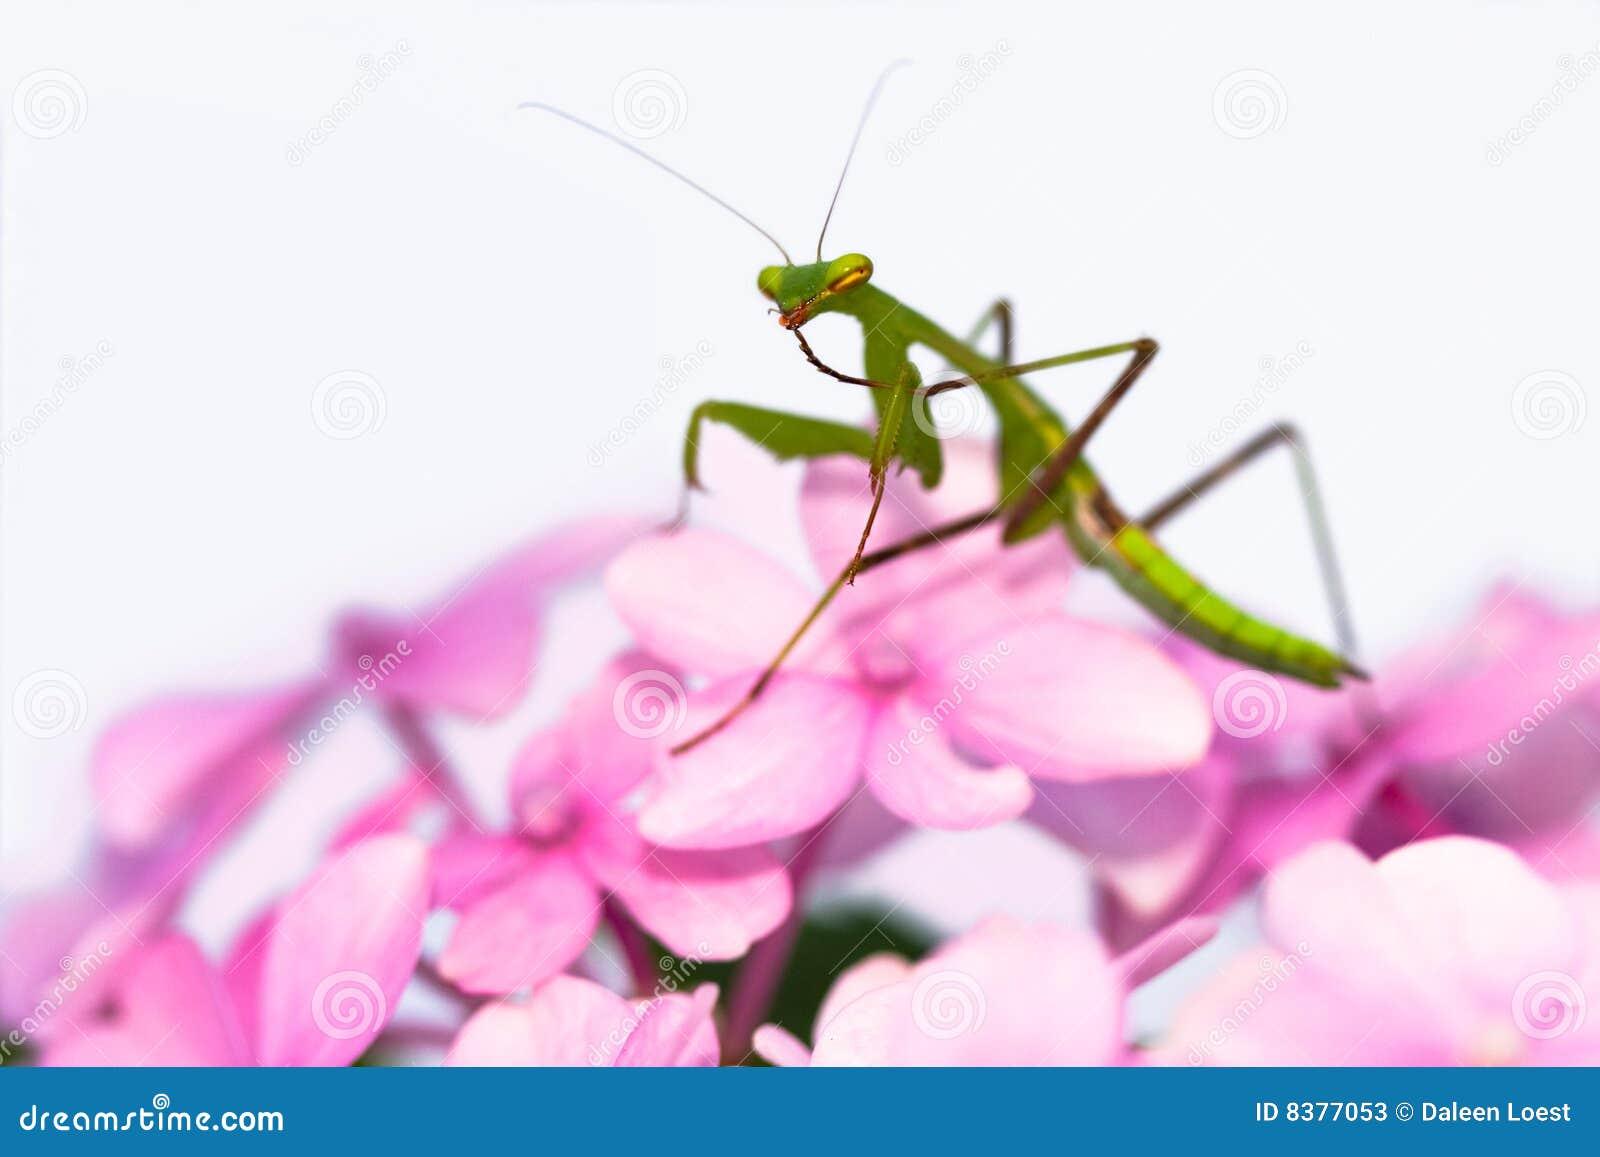 Praying Mantis Pink Flower Sideview Stock Image Image Of Pink